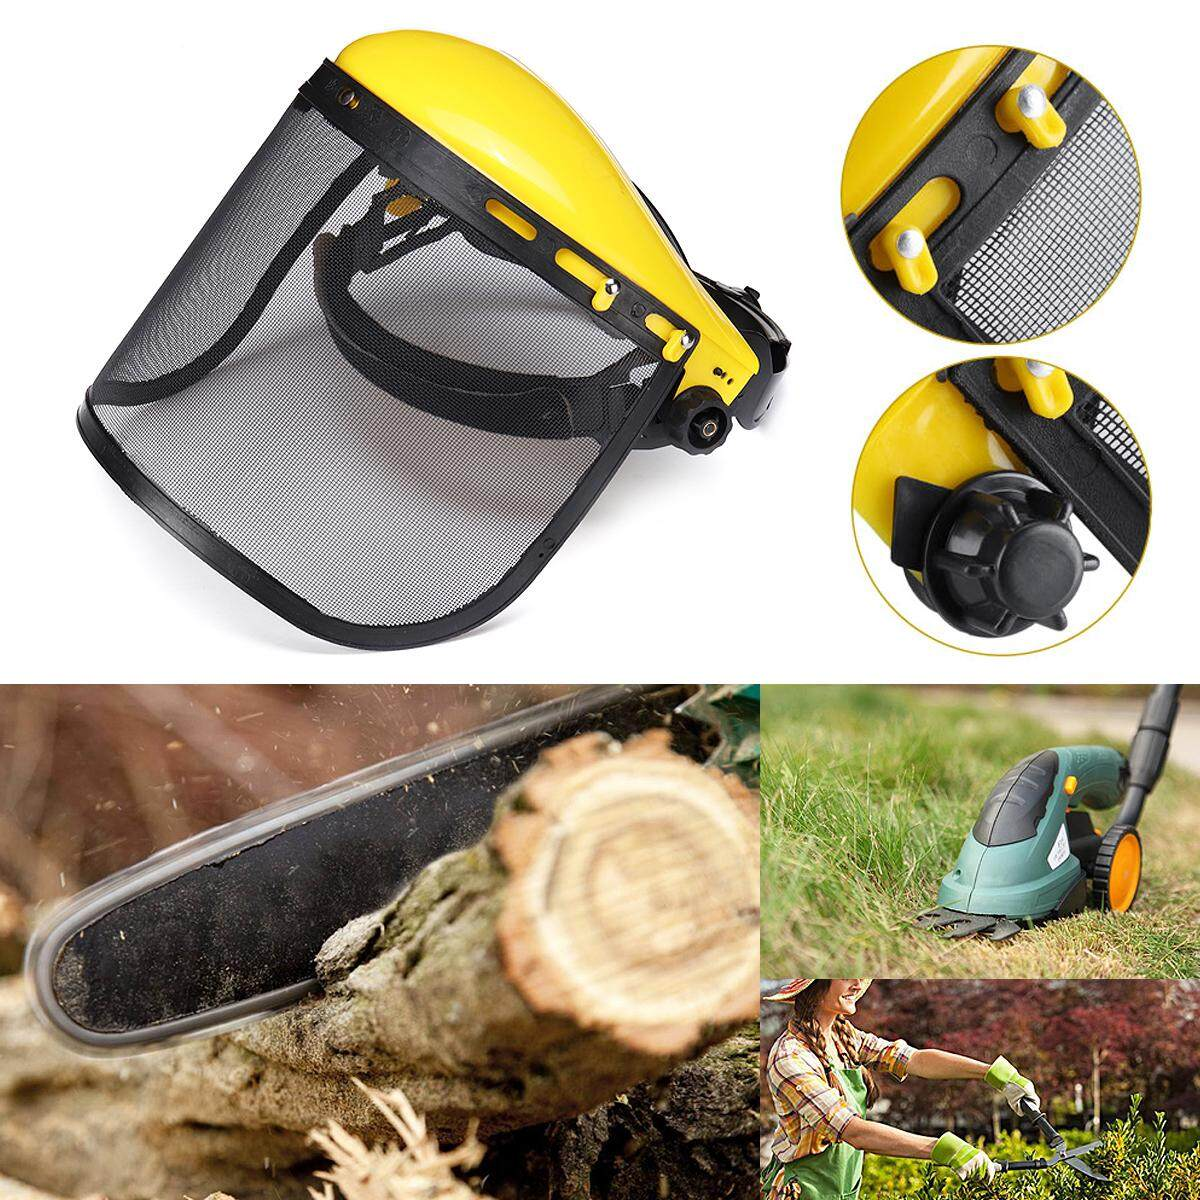 Adjustable Chainsaw Forestry Brushcutter Safety Helmet Full Face Mesh Visor Cap